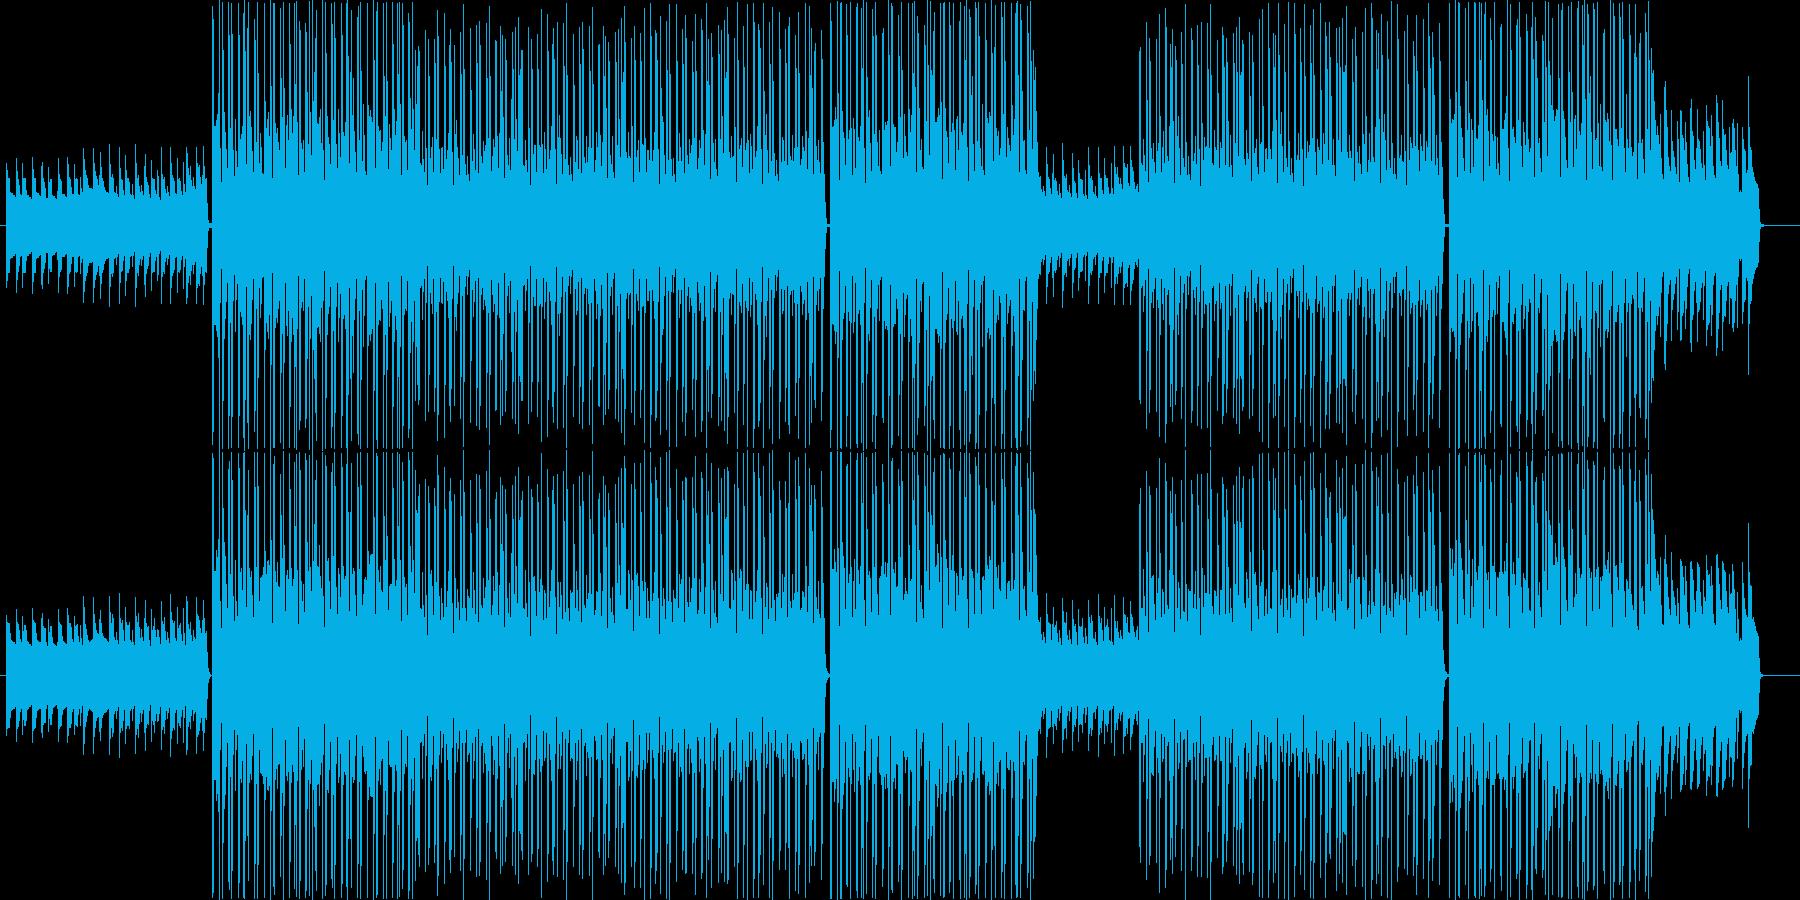 洋楽、ダークなヒップホップビート♫の再生済みの波形